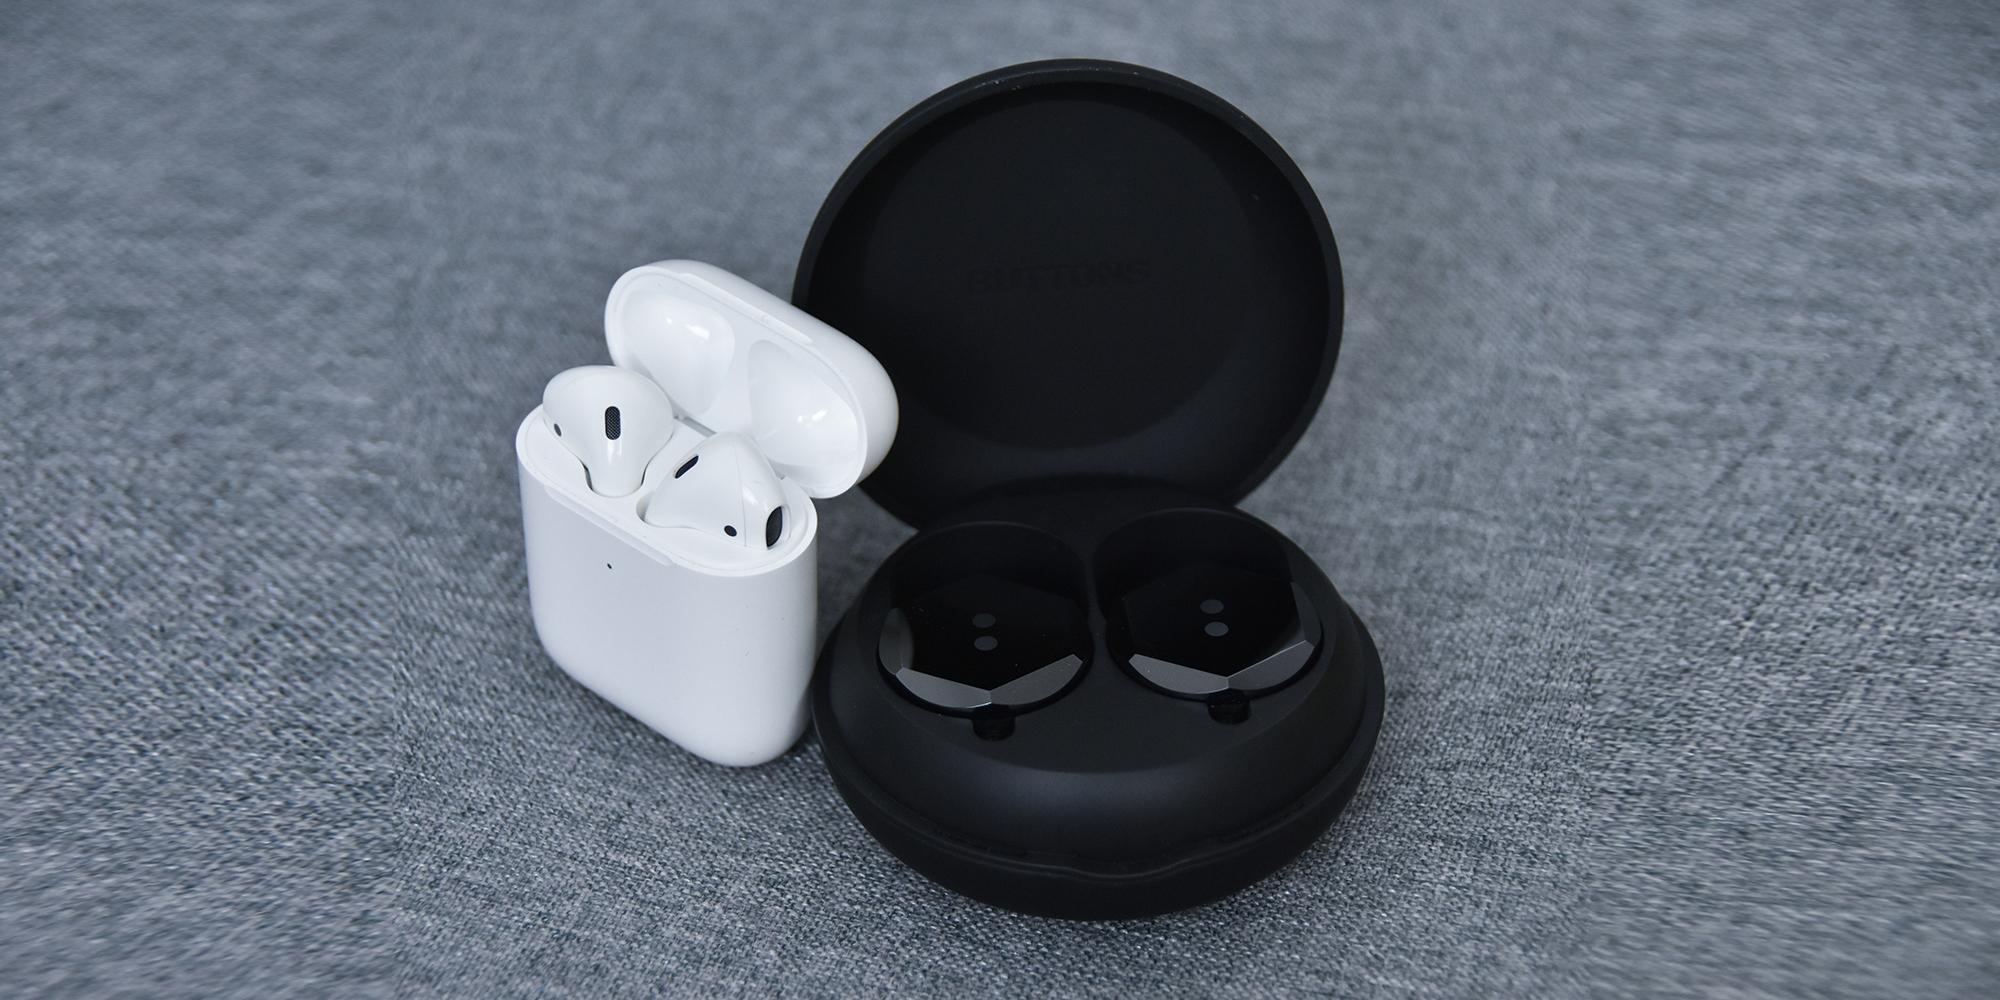 哪款真无线耳机更适合你?BUTTONS Air对比AirPods 2